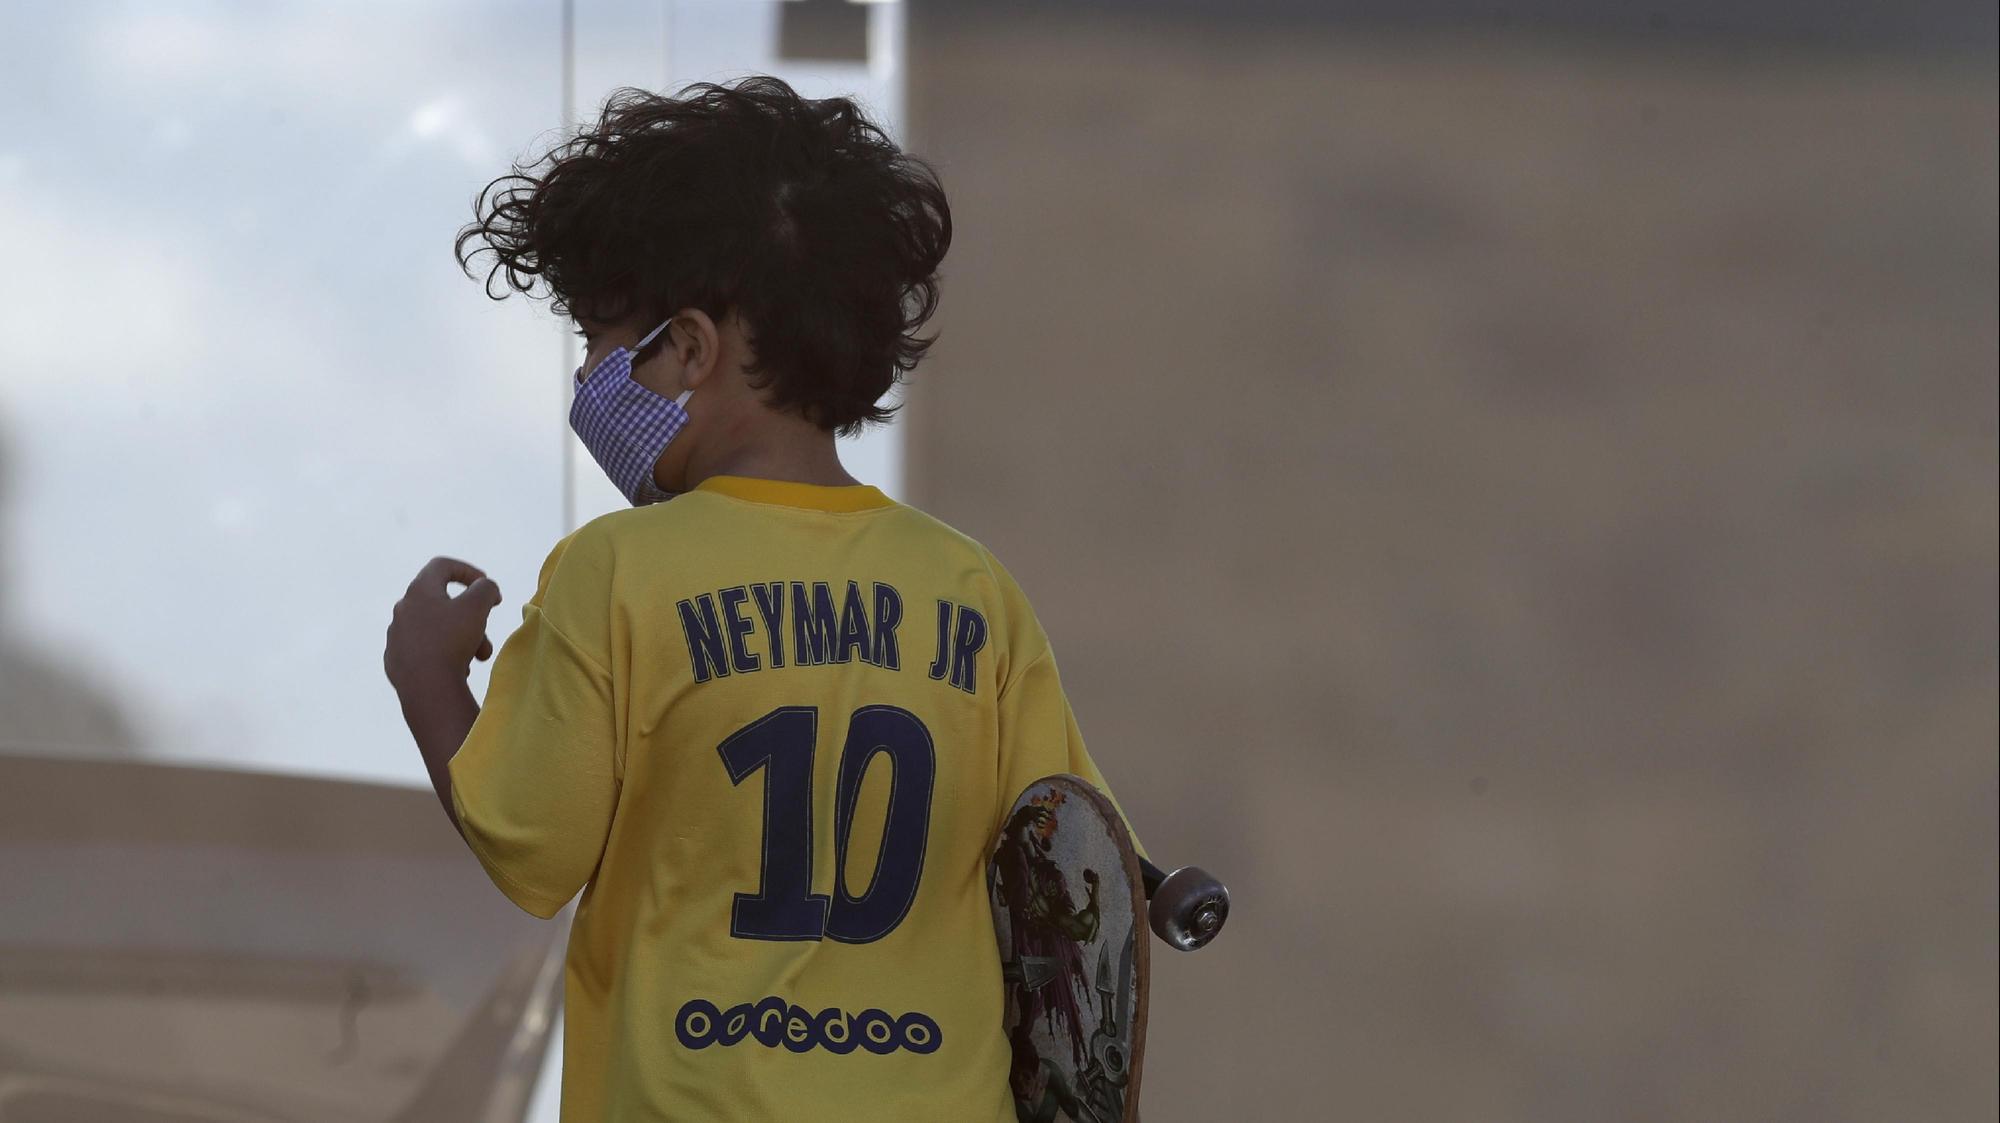 ברזיל: ילד עם חולצה של ניימאר ומסיכה בימי קורונה. Eraldo Peres, AP